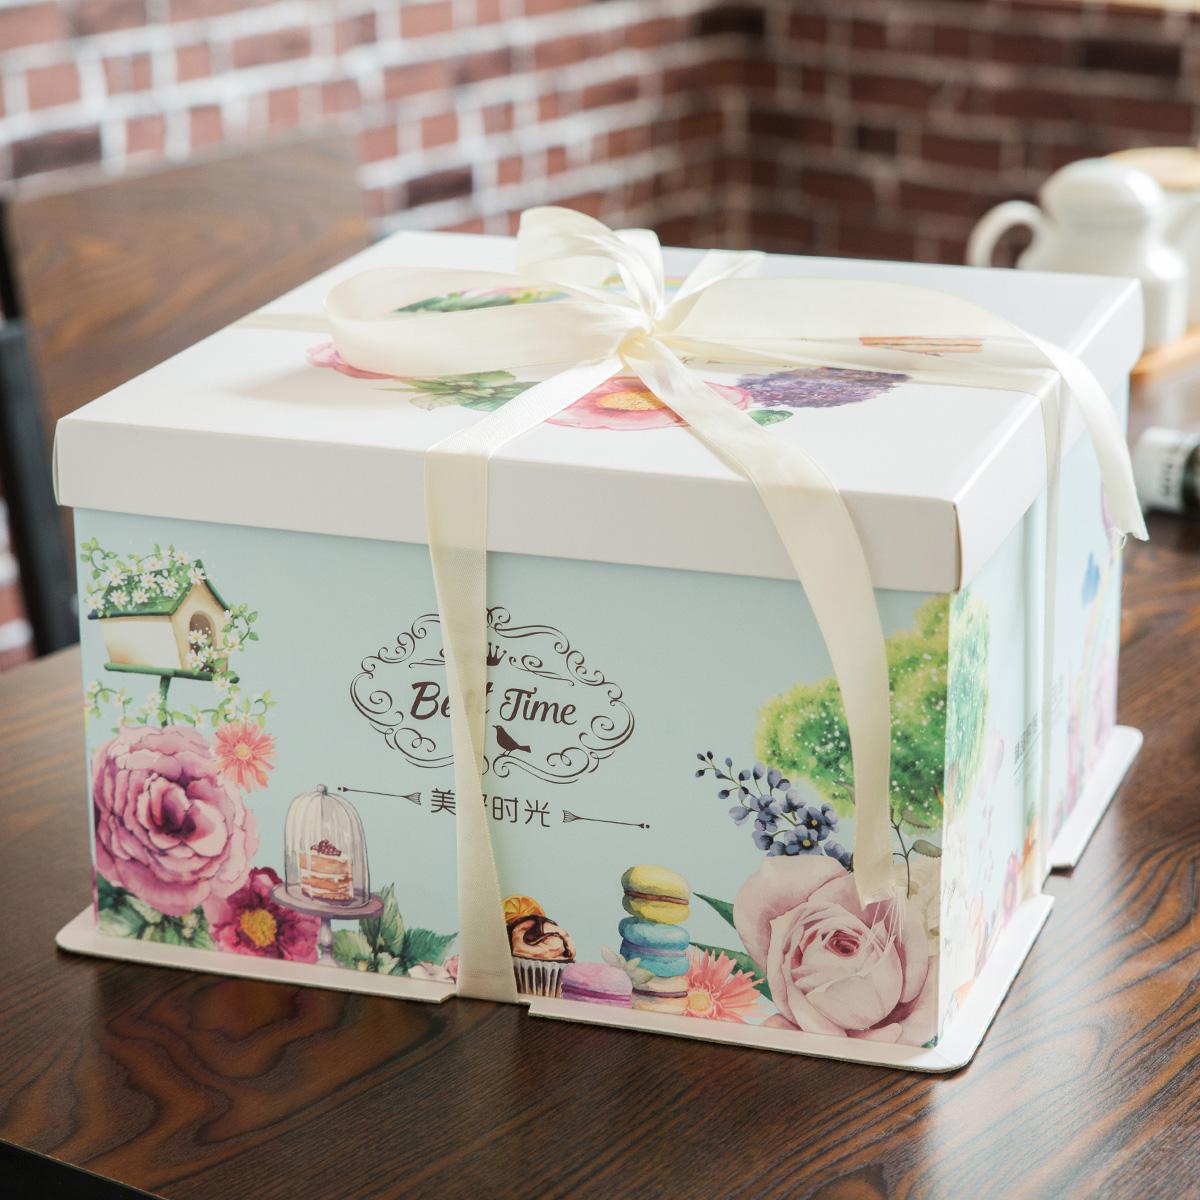 Как и во что упаковать торт для перевозки - Пироженка. рф 1